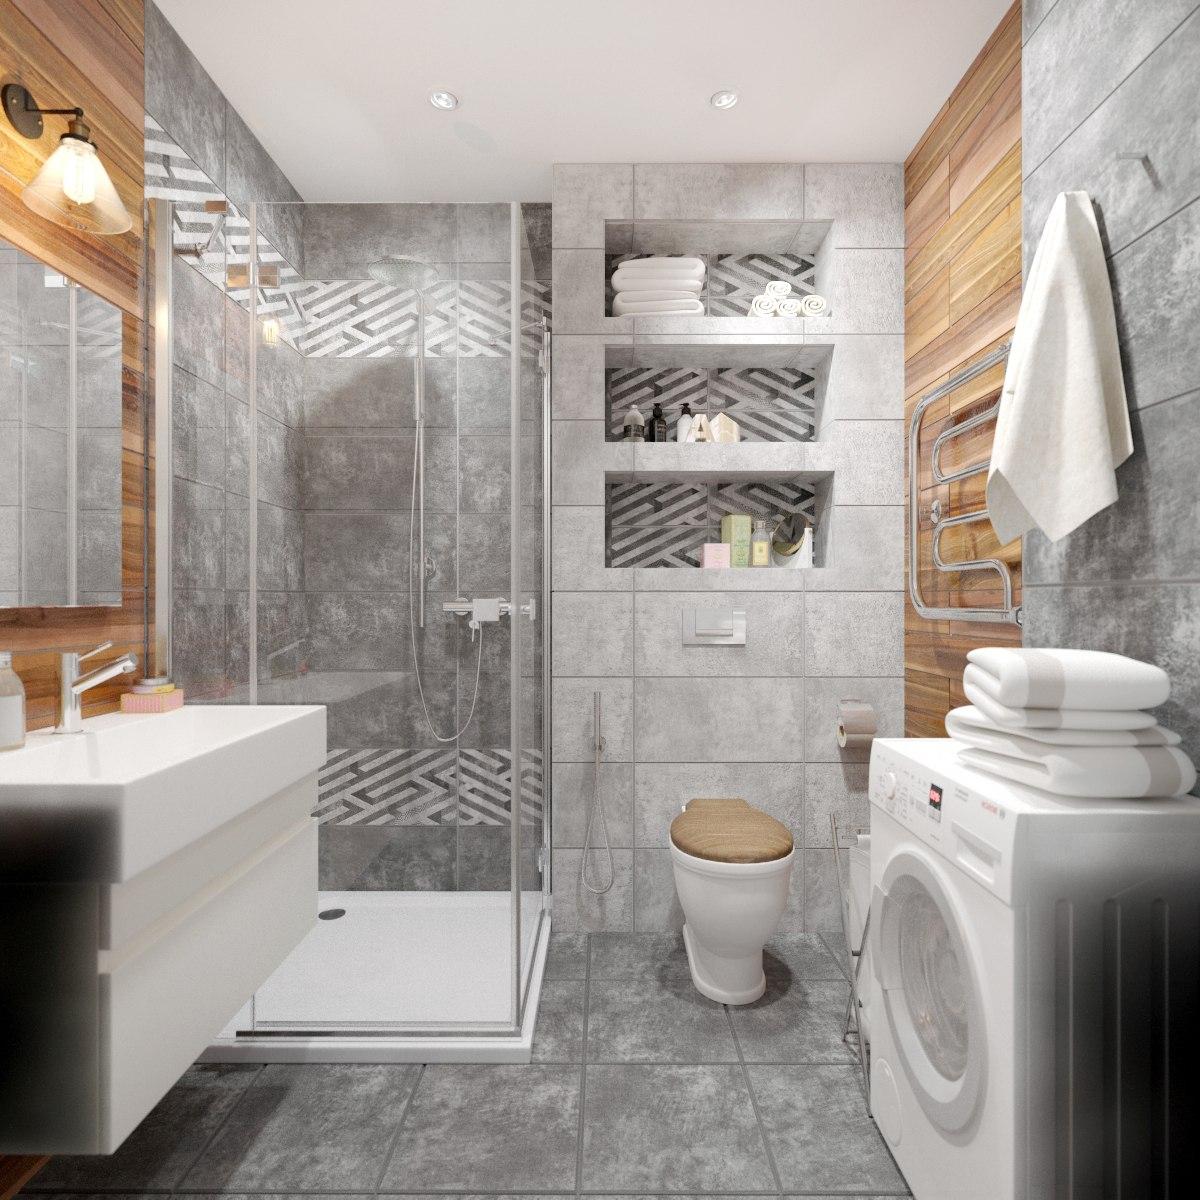 Дизайн-проект квартиры с полной перепланировкой 46 м кв.